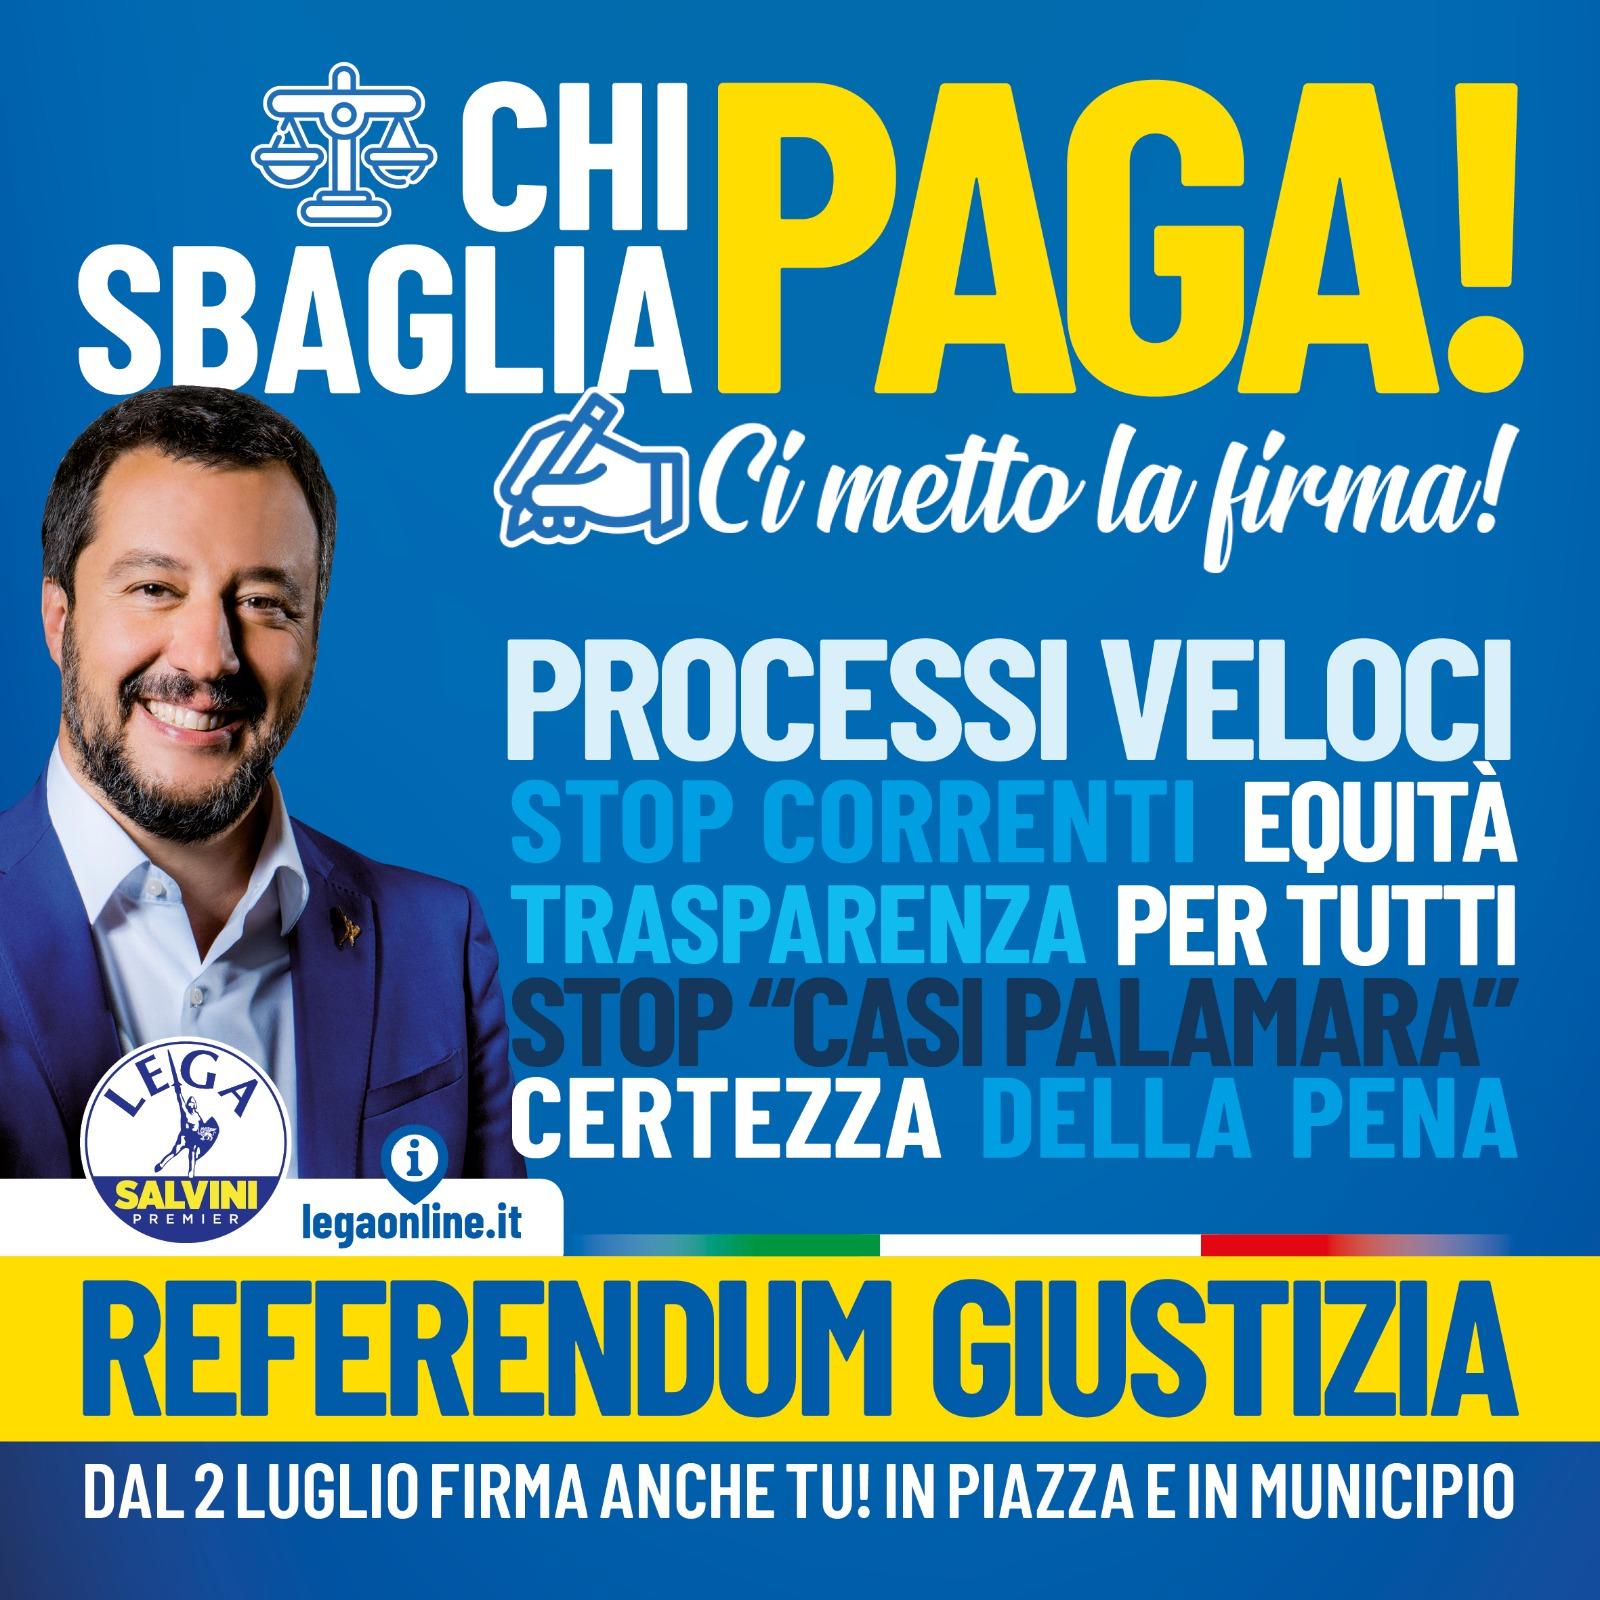 CHI SBAGLIA PAGA! REFERENDUM GIUSTIZIA. Dal 2 luglio firma anche tu ai gazebo nelle piazze e in tutti i municipi d'Italia!